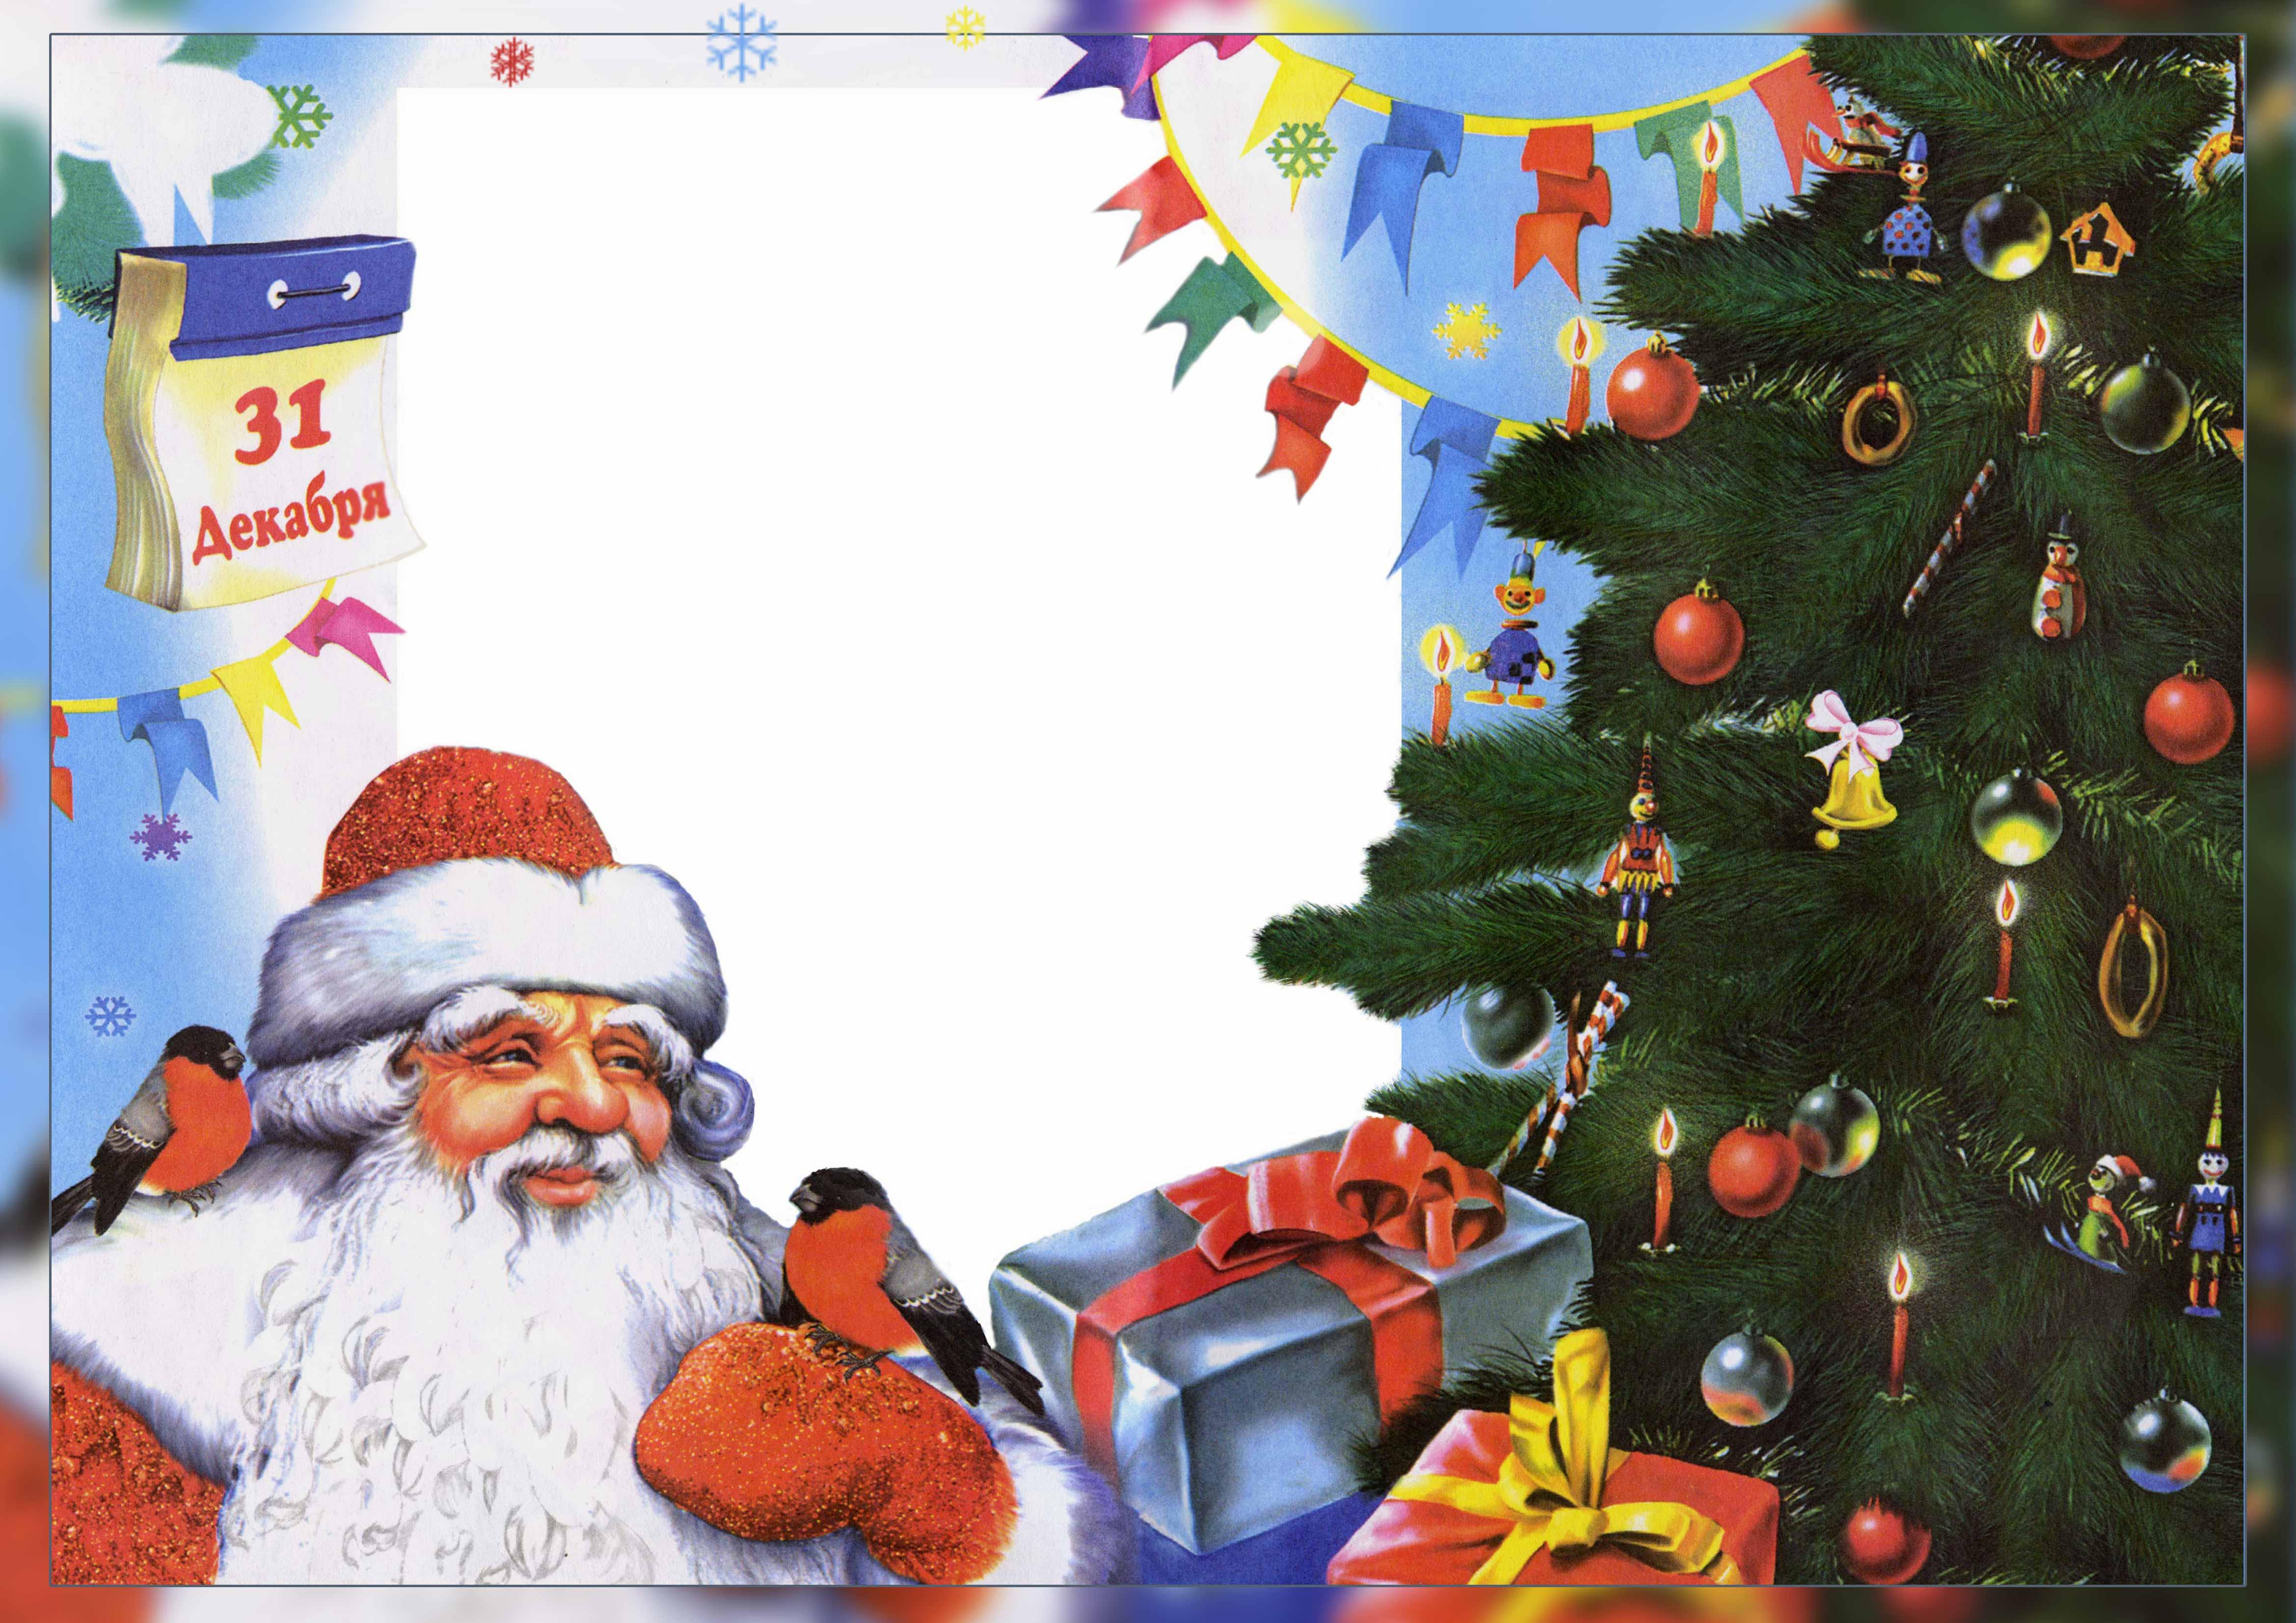 Новогодние рамки. Новогодняя рамка большого размера для детских фотографий. Восхитительная новогодняя ёлка, с прорисованными игрушками и разнообразными украшениями, отлично смотрится на этой новогодней рамке. Новогодняя рамка украшена разноцветными снежинками и флажками, а добрый дедушка Мороз кормит птичек. Если Вам нужна качественная классическая новогодняя рамка большого размера – эта новогодняя рамка отлично Вам подойдёт.